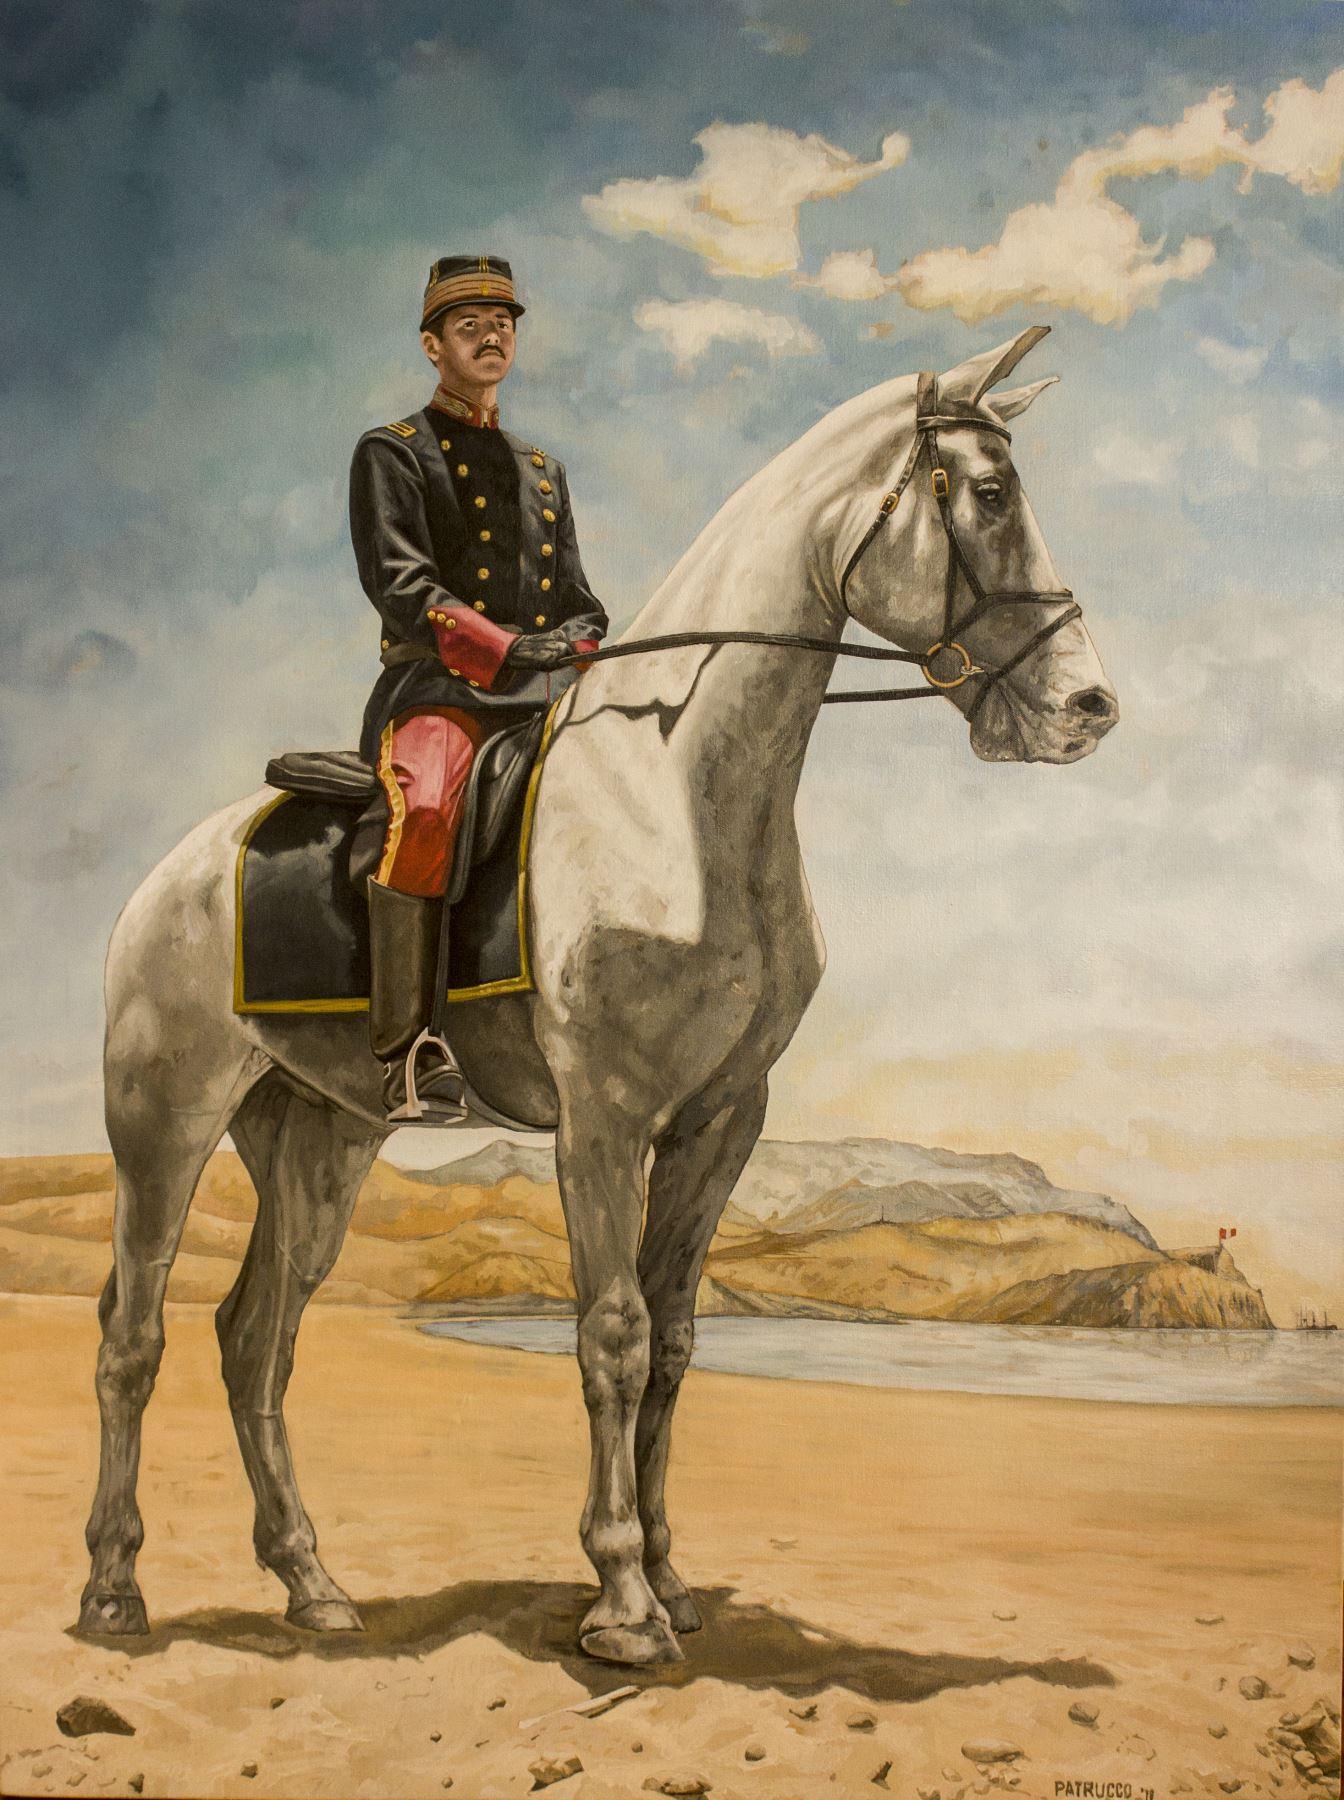 Alfonso Ugarte en un retrato elaborado por el pintor Pablo Patrucco. Foto: Cortesía